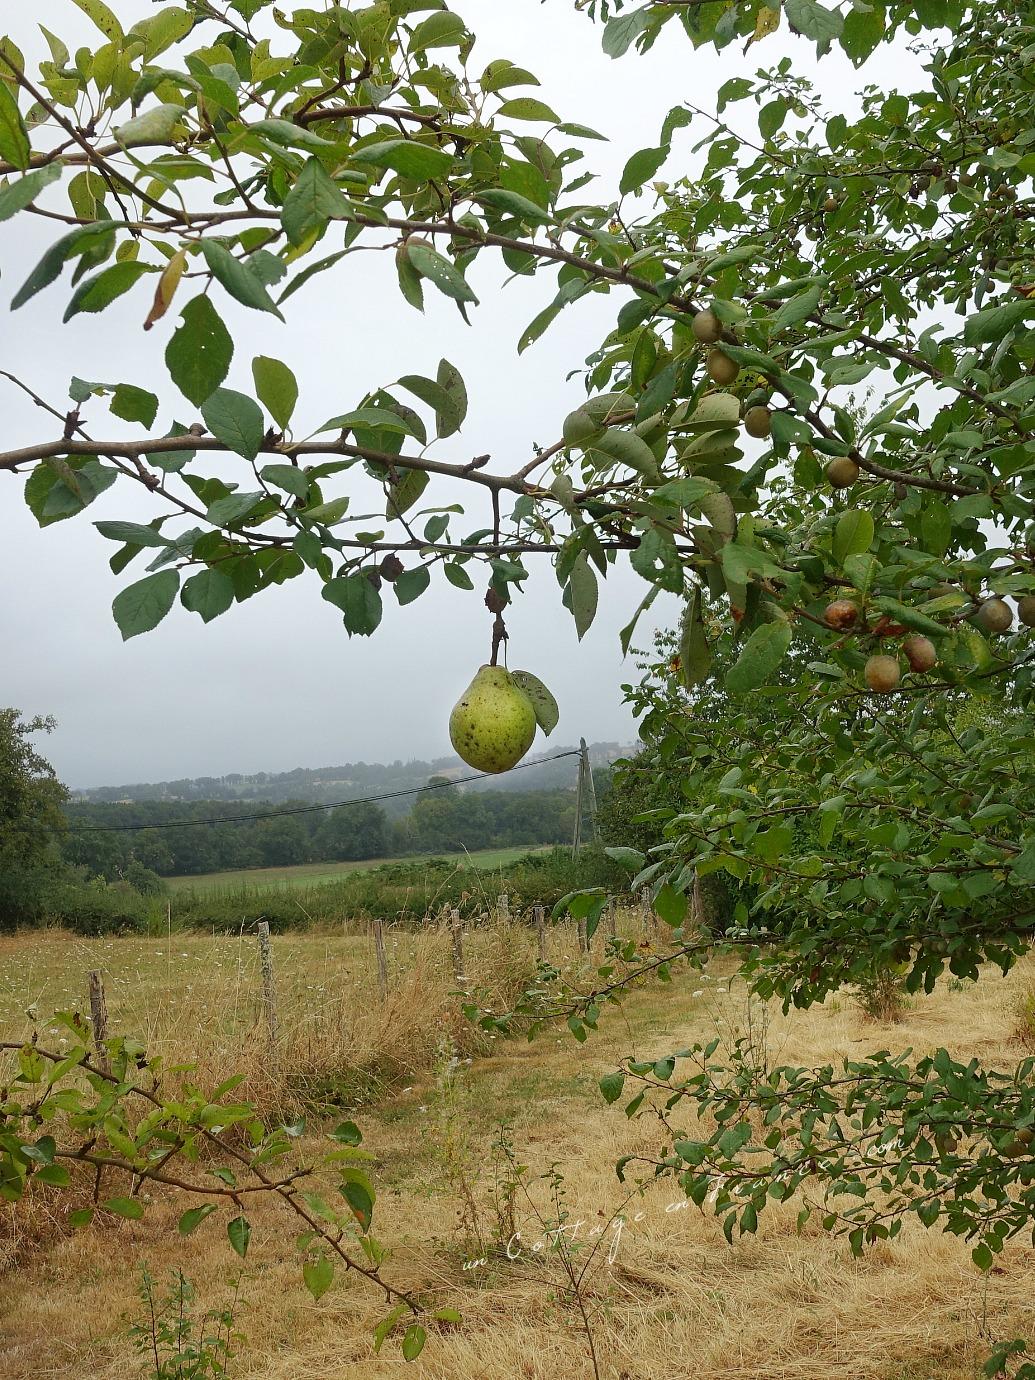 Les poires du jardin sous la sécheresse 2018 (Pears in the garden surviving the heat wave in 2018)